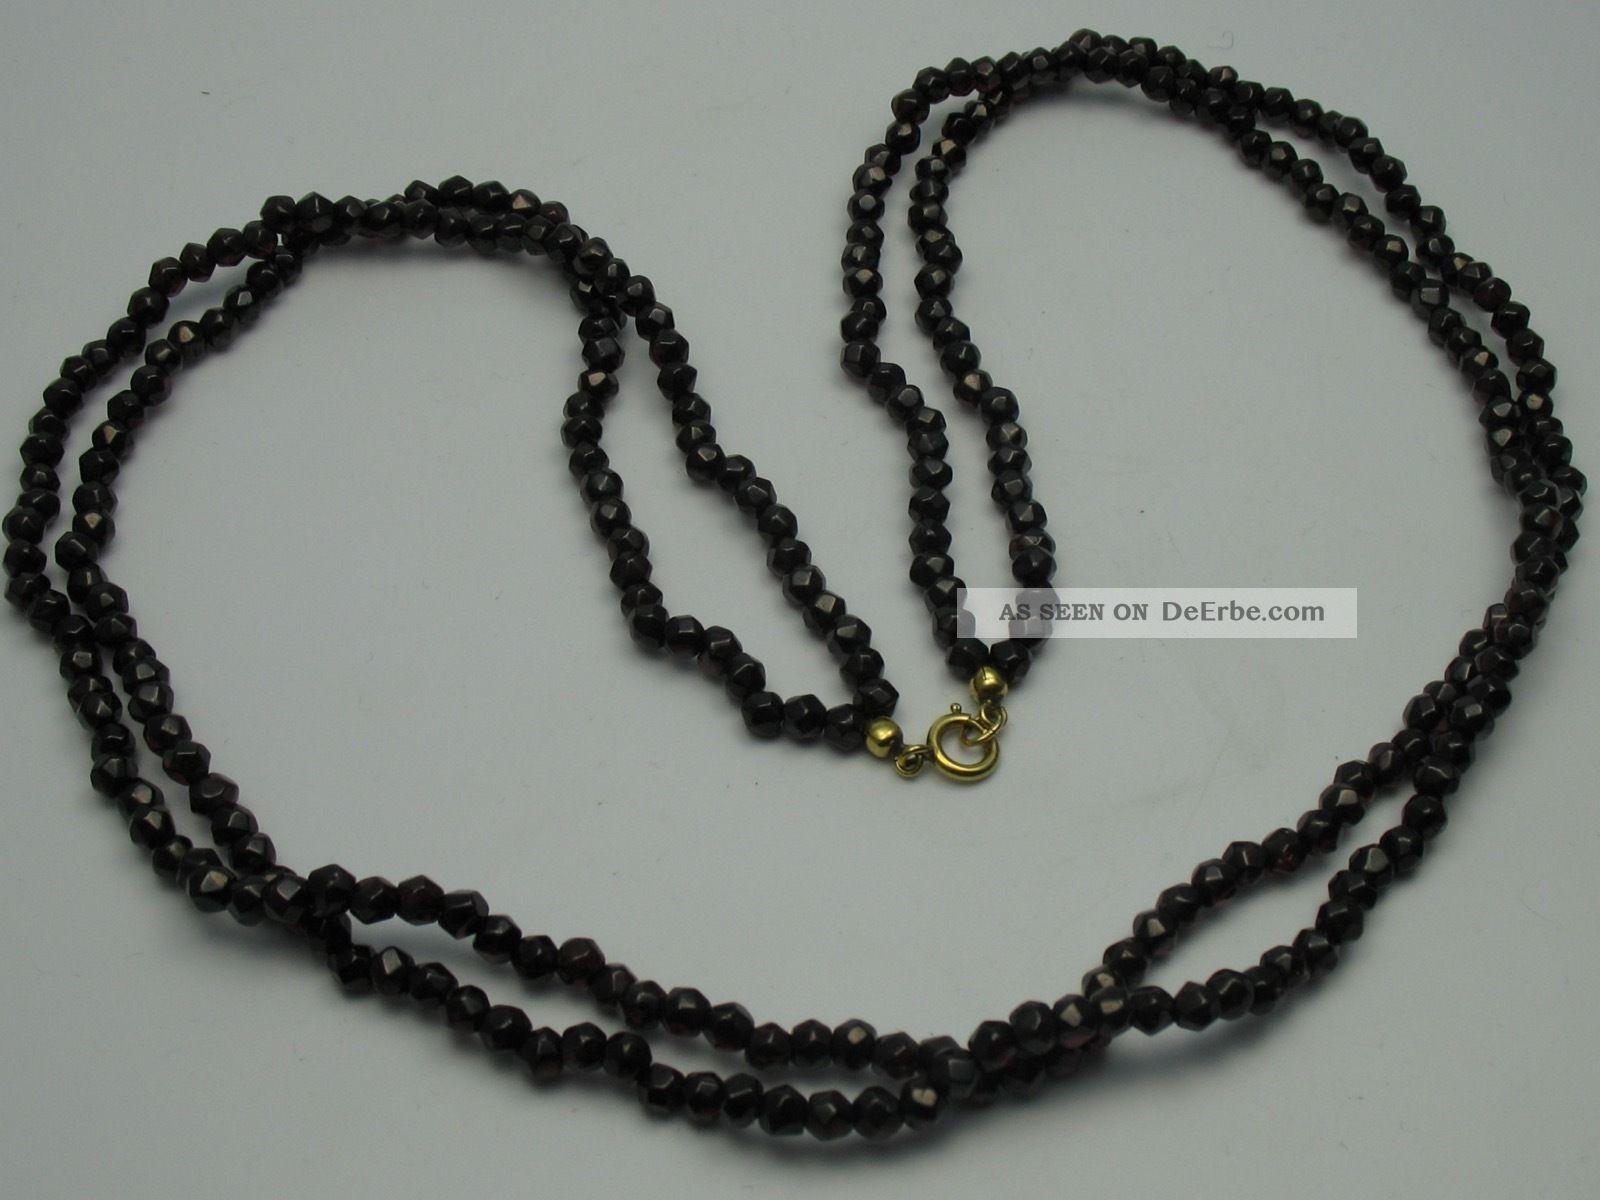 Sehr Schöne 2 Reihige Facettiert Geschliffenen Halskette Aus Böhmischen Granat Ketten Bild